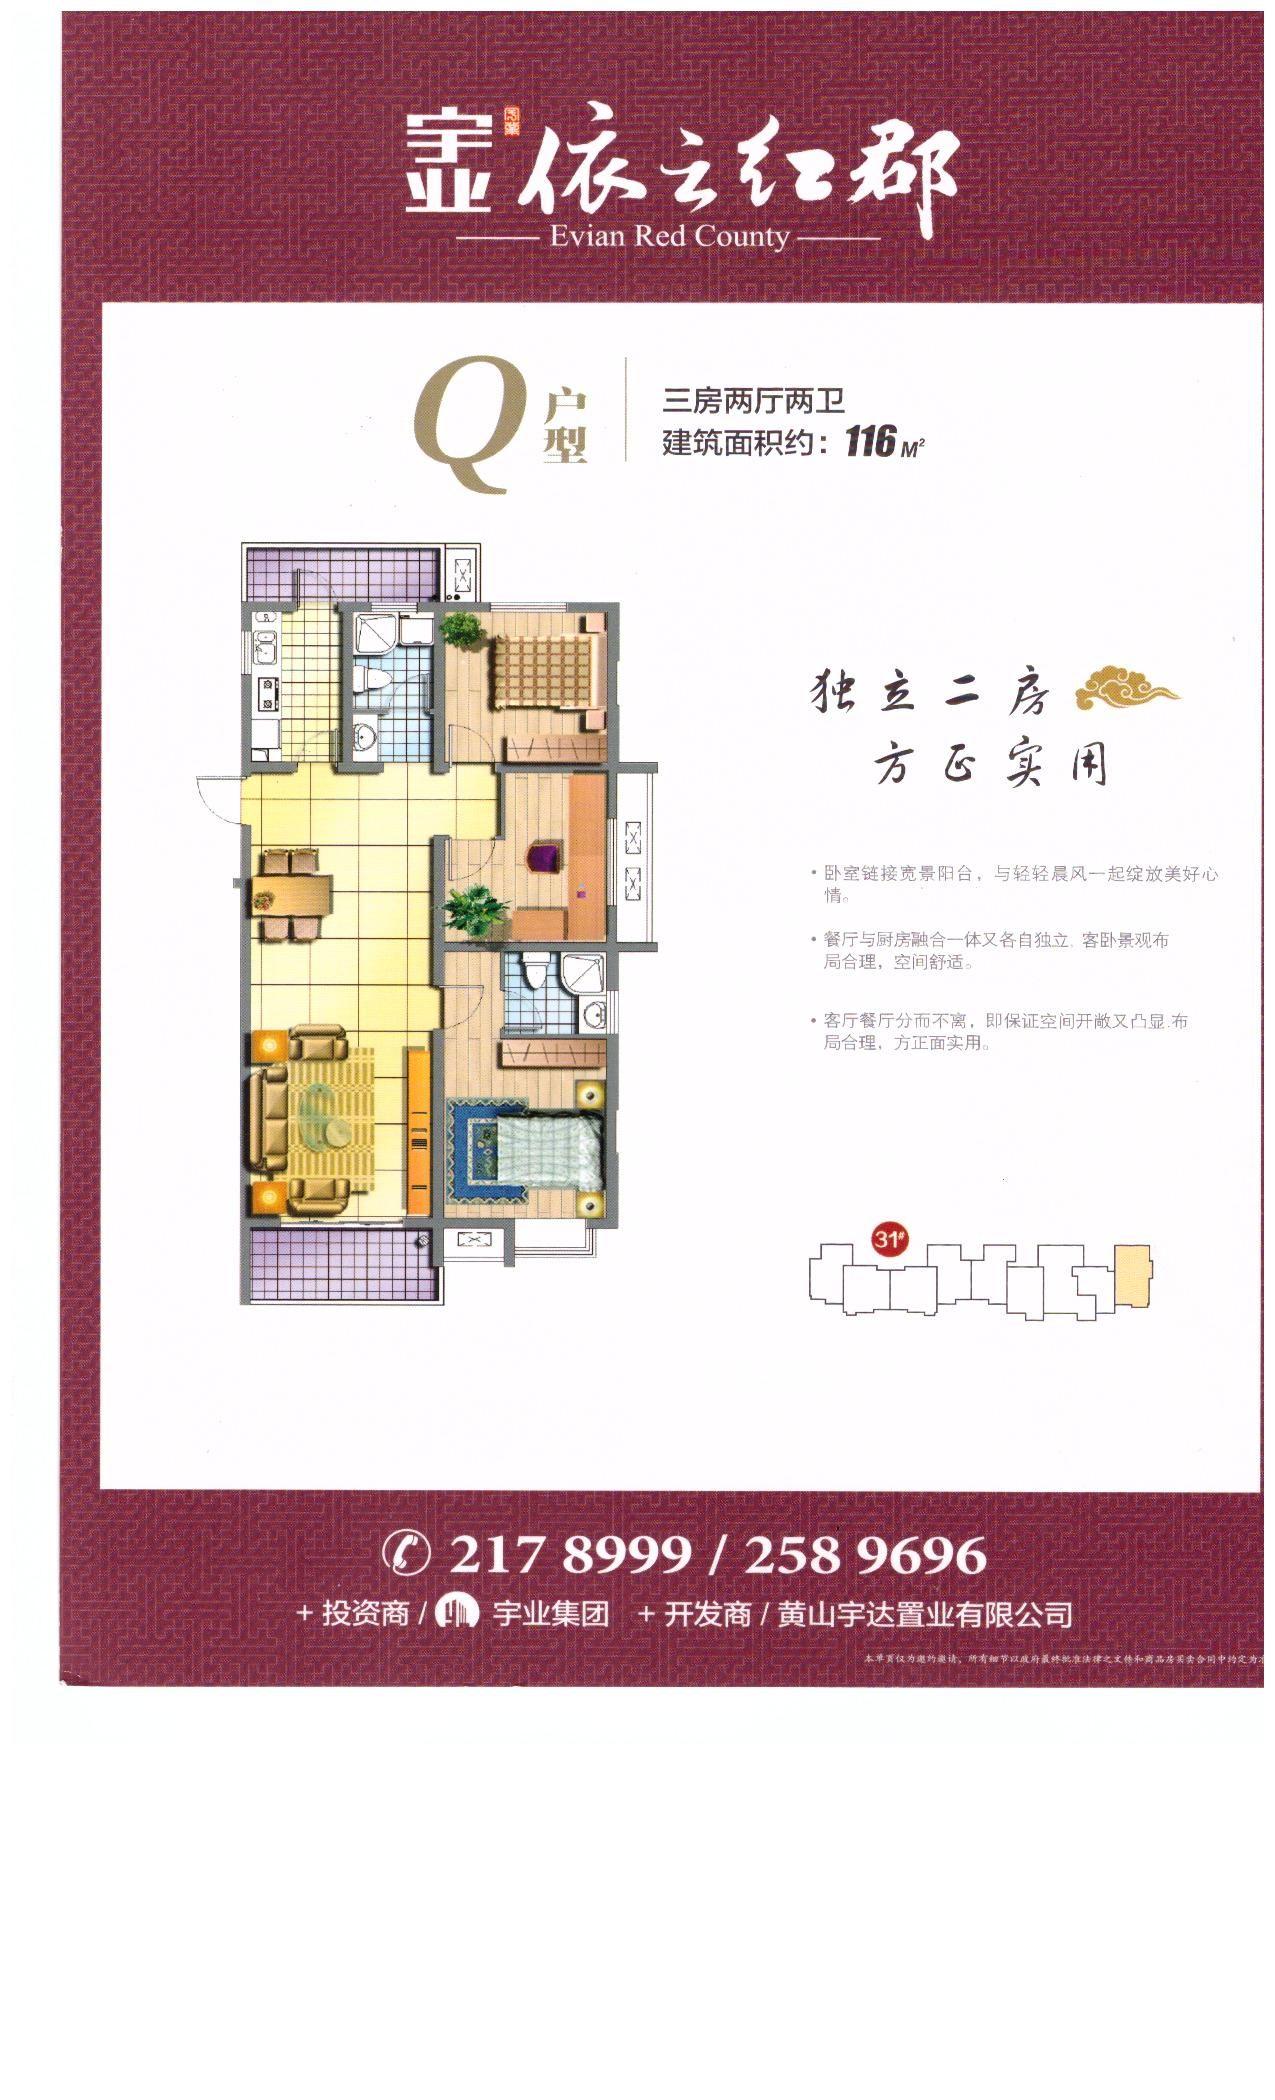 宇业依云红郡Q户型3室2厅116平米